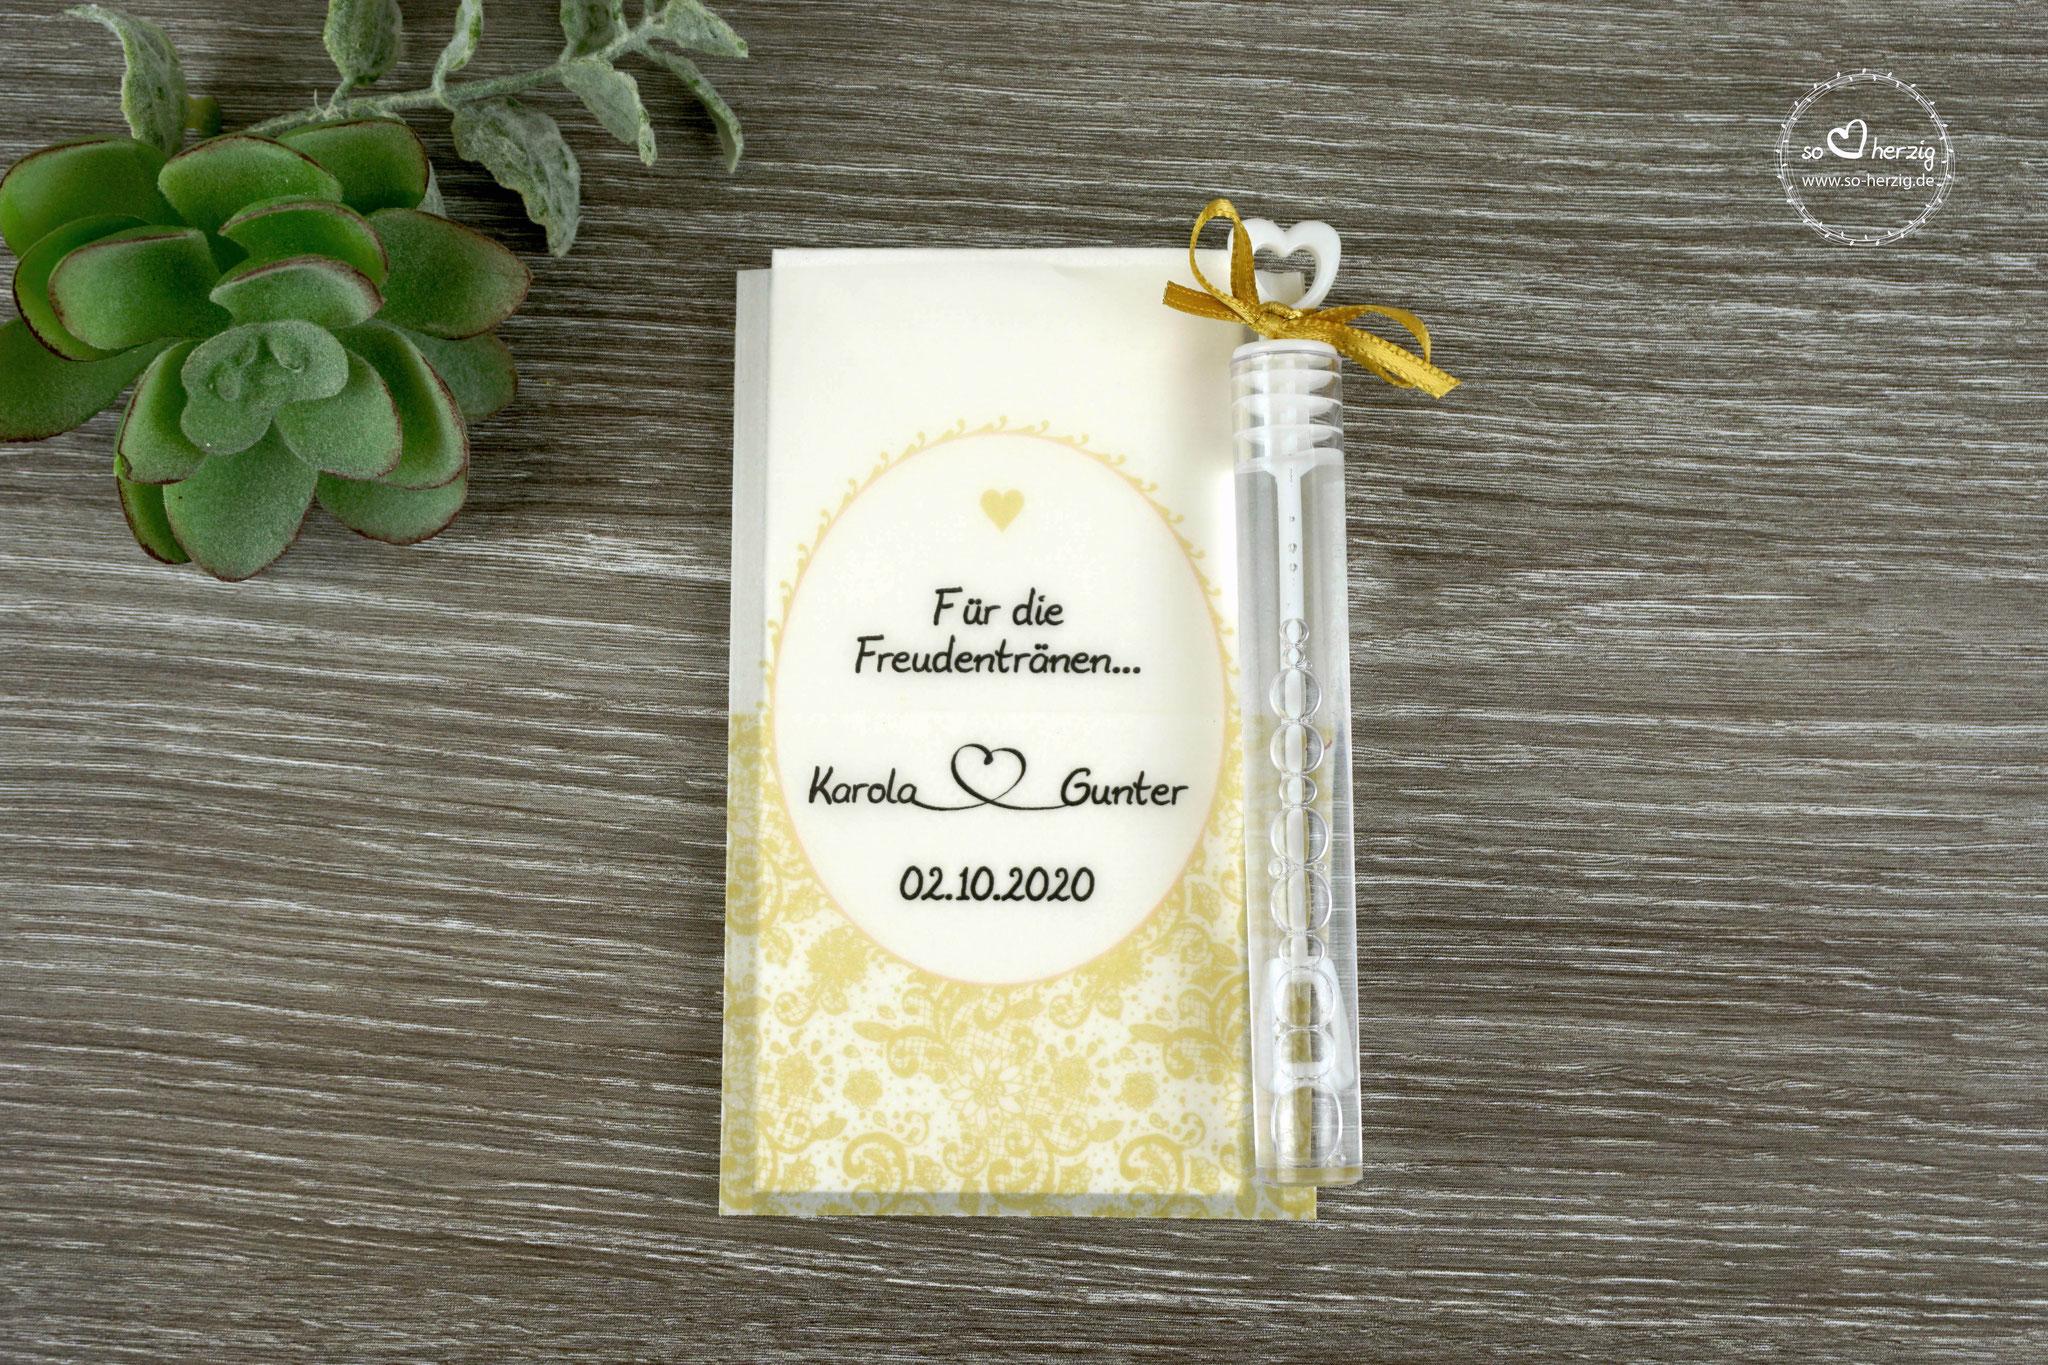 Freudentränen Taschentücher mit Seifenblasen, Design Romantik, Goldfarben, Satinband